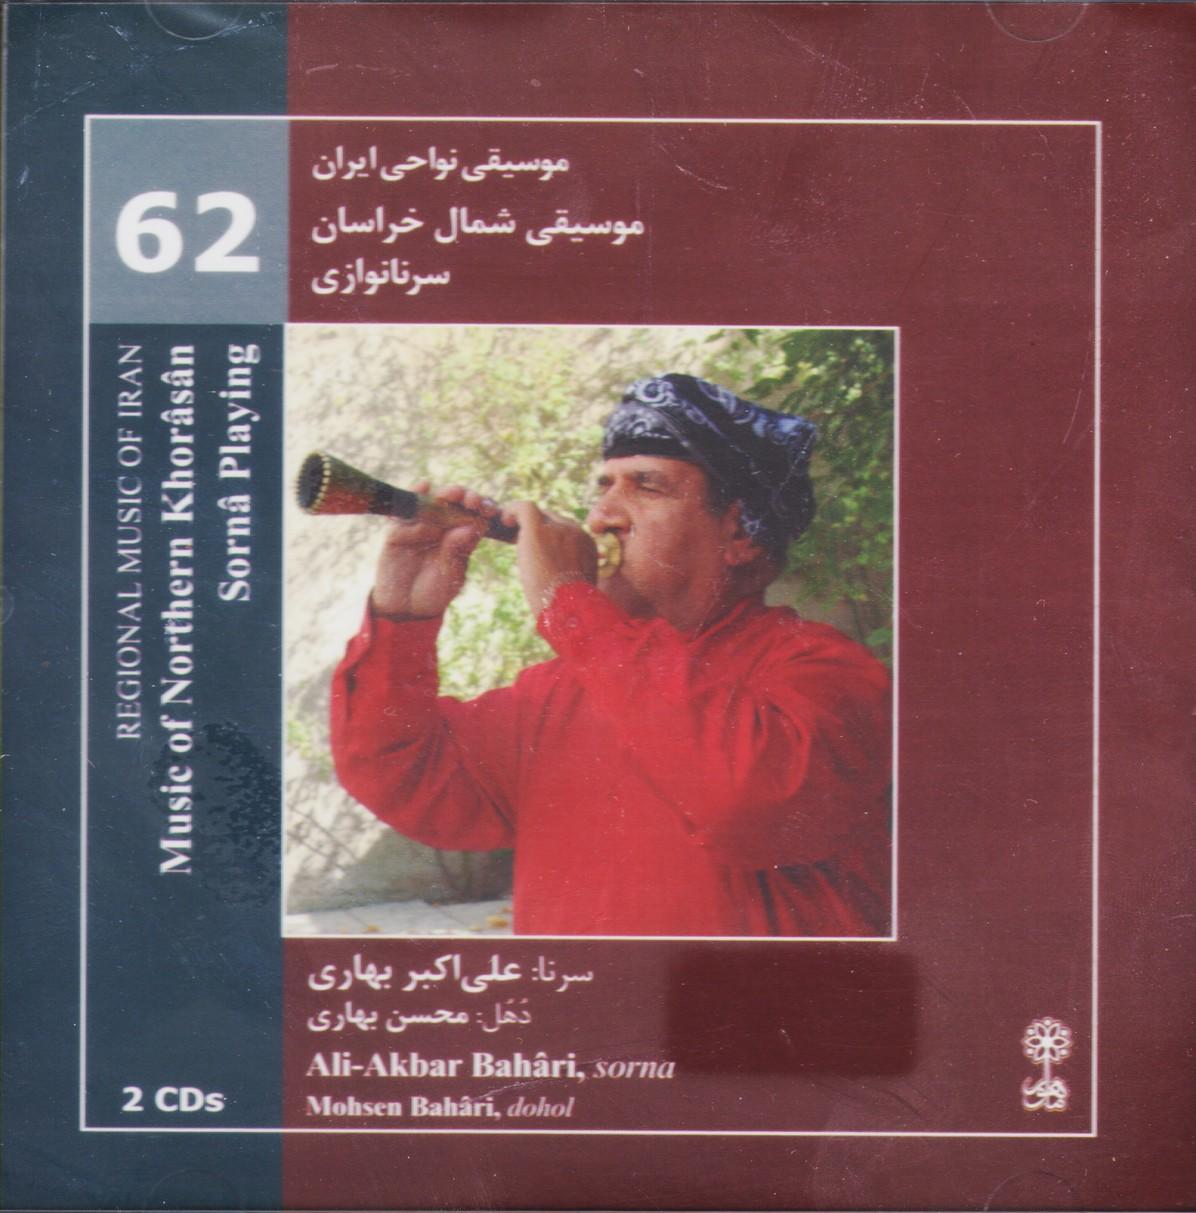 موسیقی نواحی ایران 62: موسیقی شمال خراسان/سرنانوازی